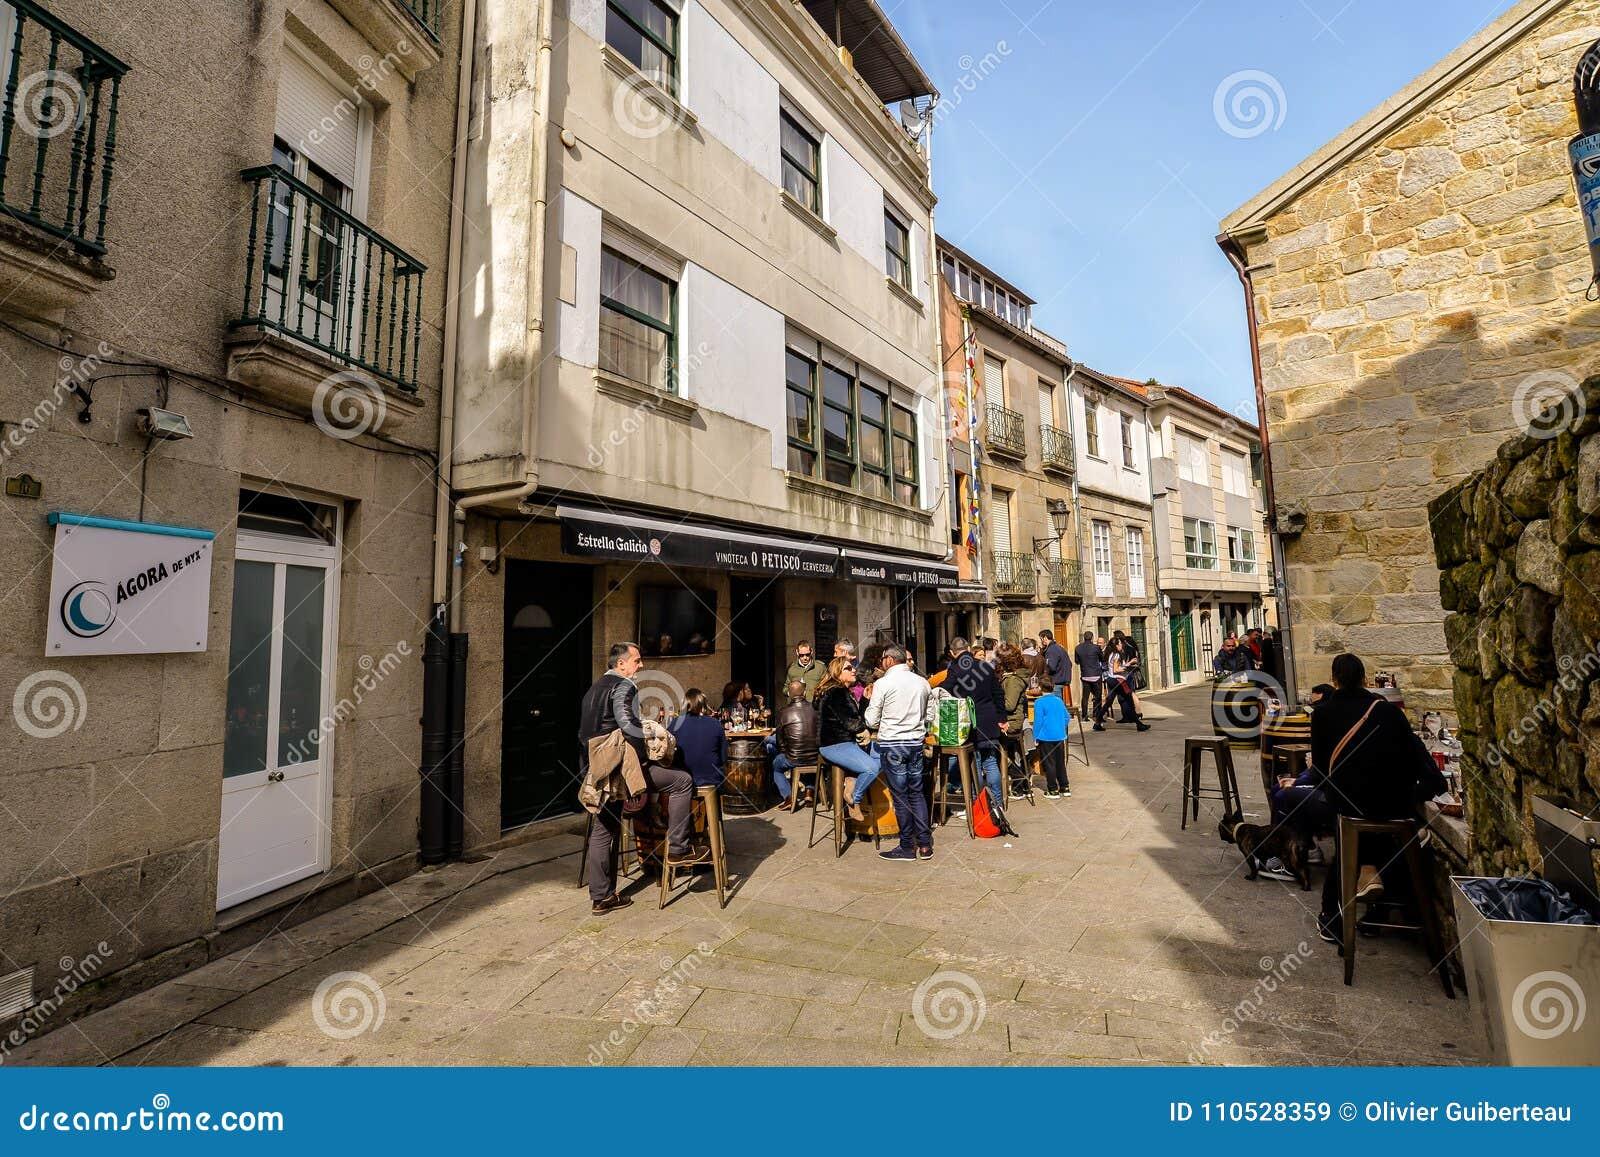 Familias en Baiona - Galicia - España